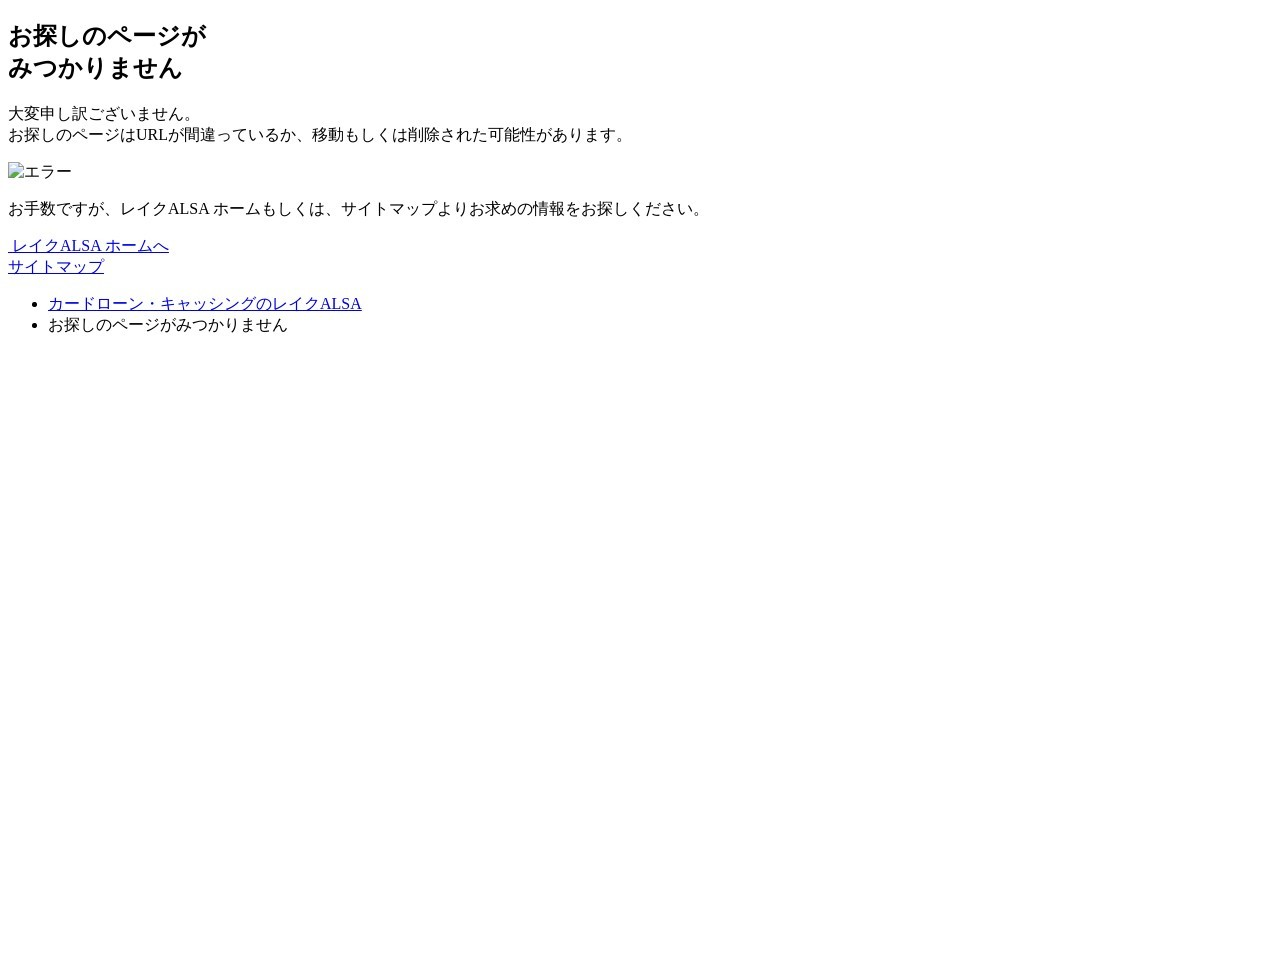 レイクALSA 1号八幡自動契約コーナー京都府 レイクALSA